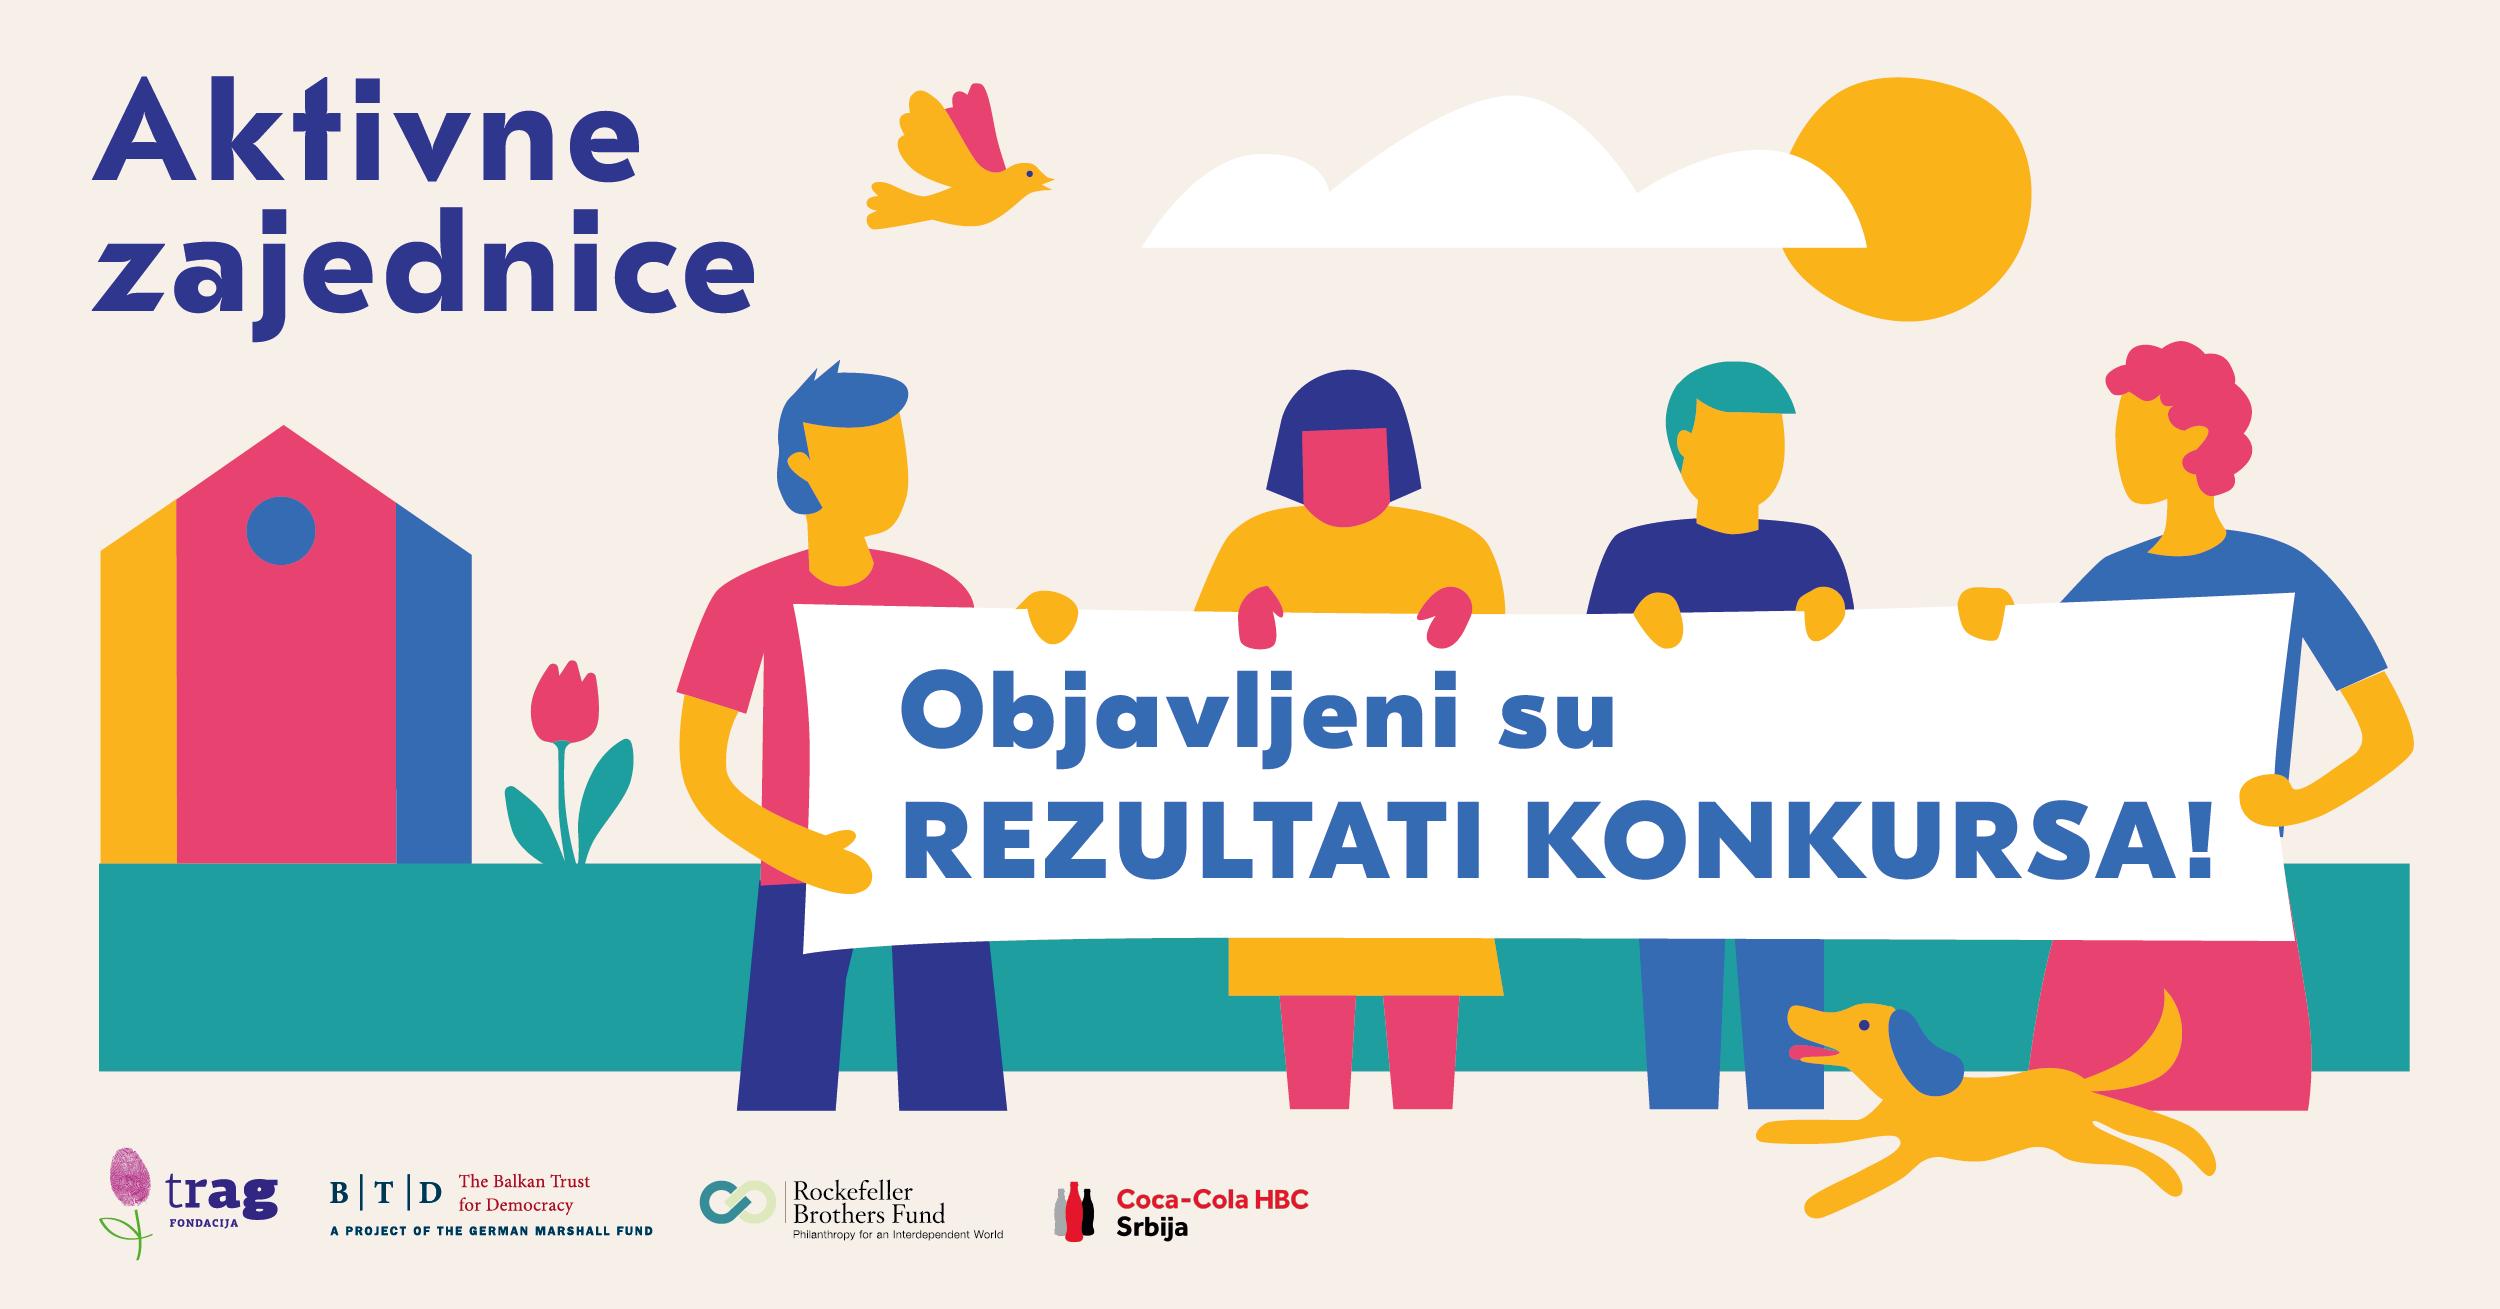 Aktivne zajednice Rezuktati konkursa - Trag fondacija